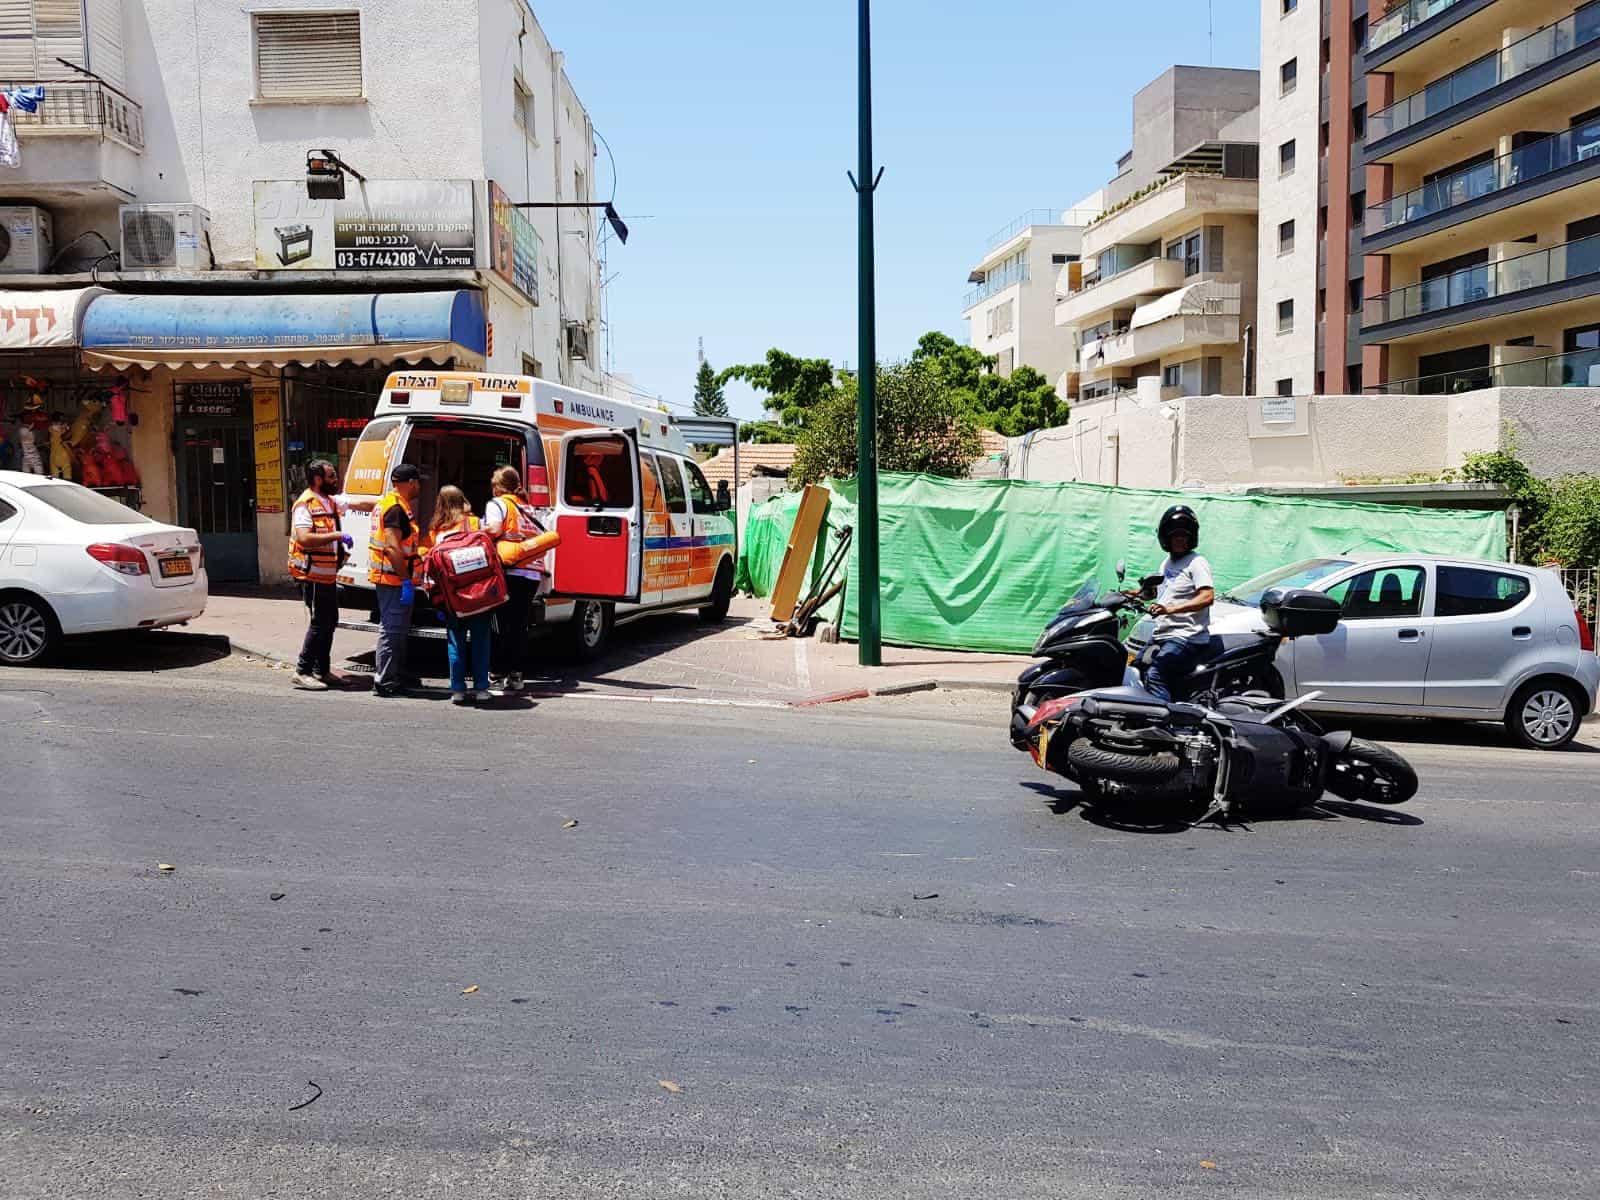 האופנוע נשאר מוטל על הכביש, צילום: דוברות איחוד הצלה